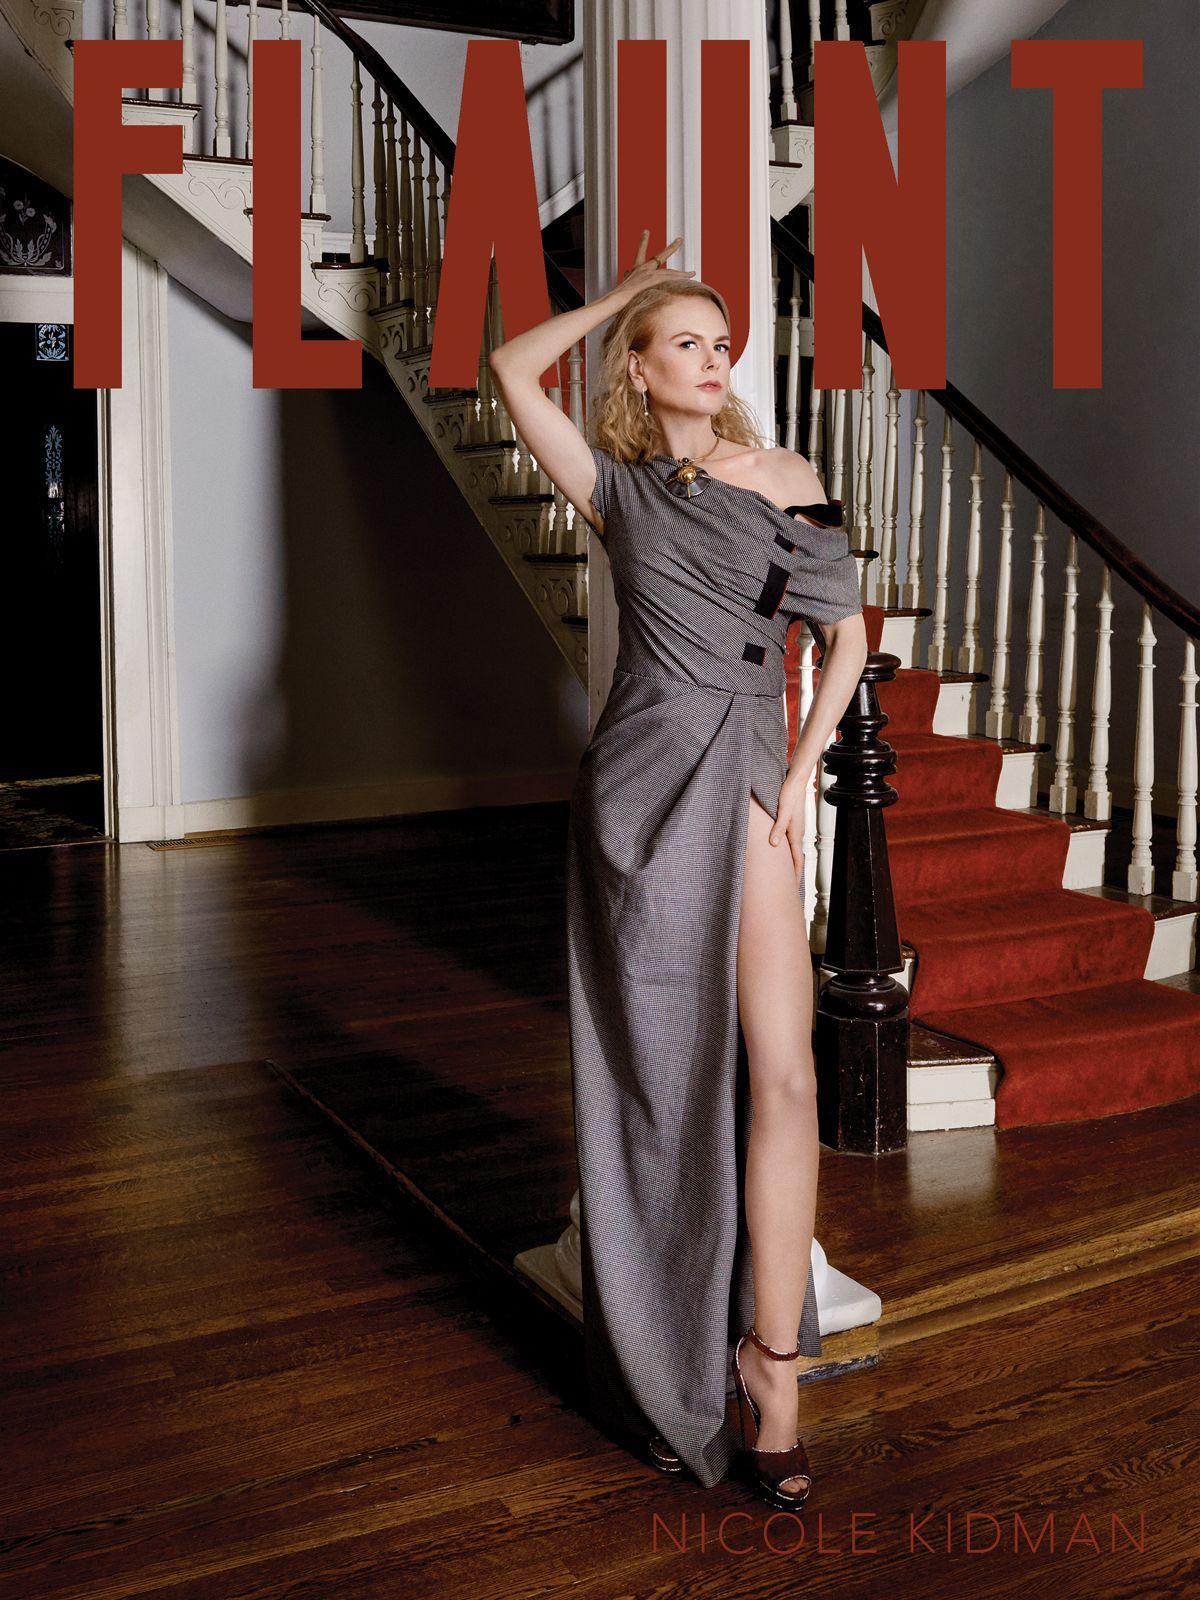 NICOLE KIDMAN in Flaunt Magazine, Nocturne Issue November 2016